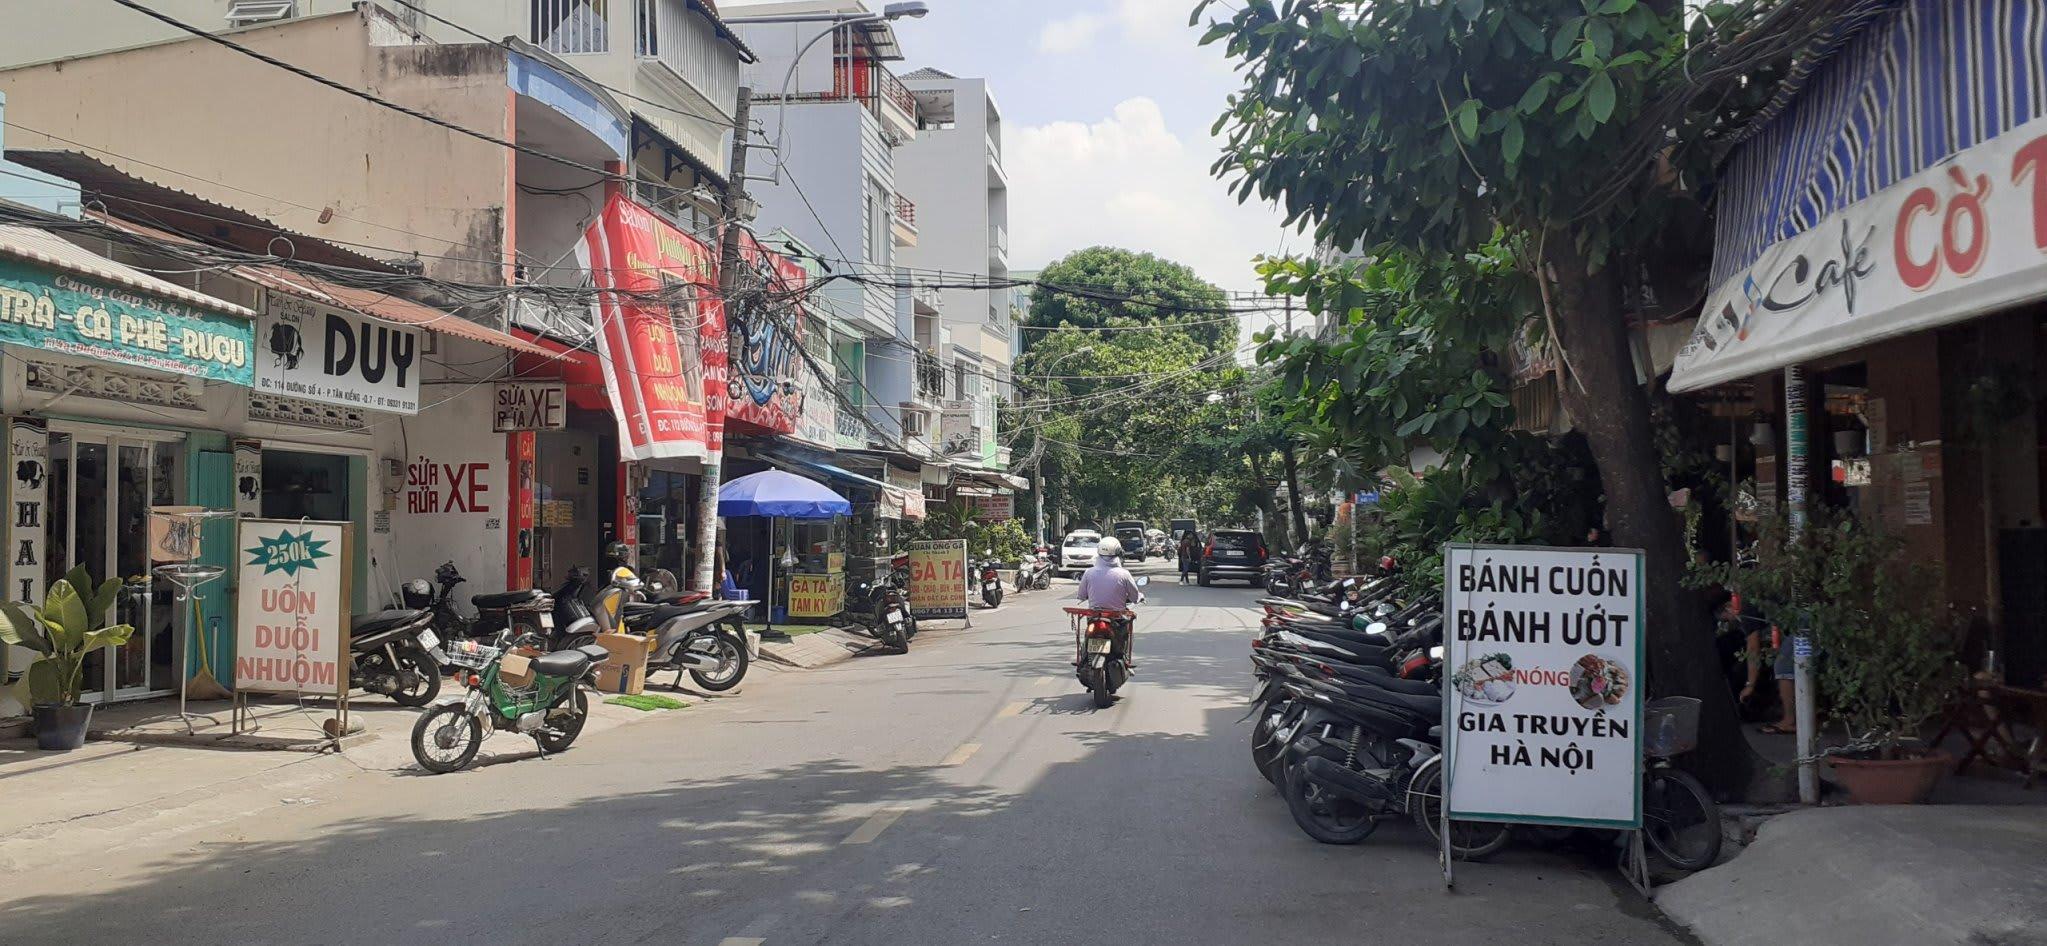 Bán nhà MT đường số 4 Tân Kiểng, DT 3.7x10m 1 lầu giá 6.1 tỷ